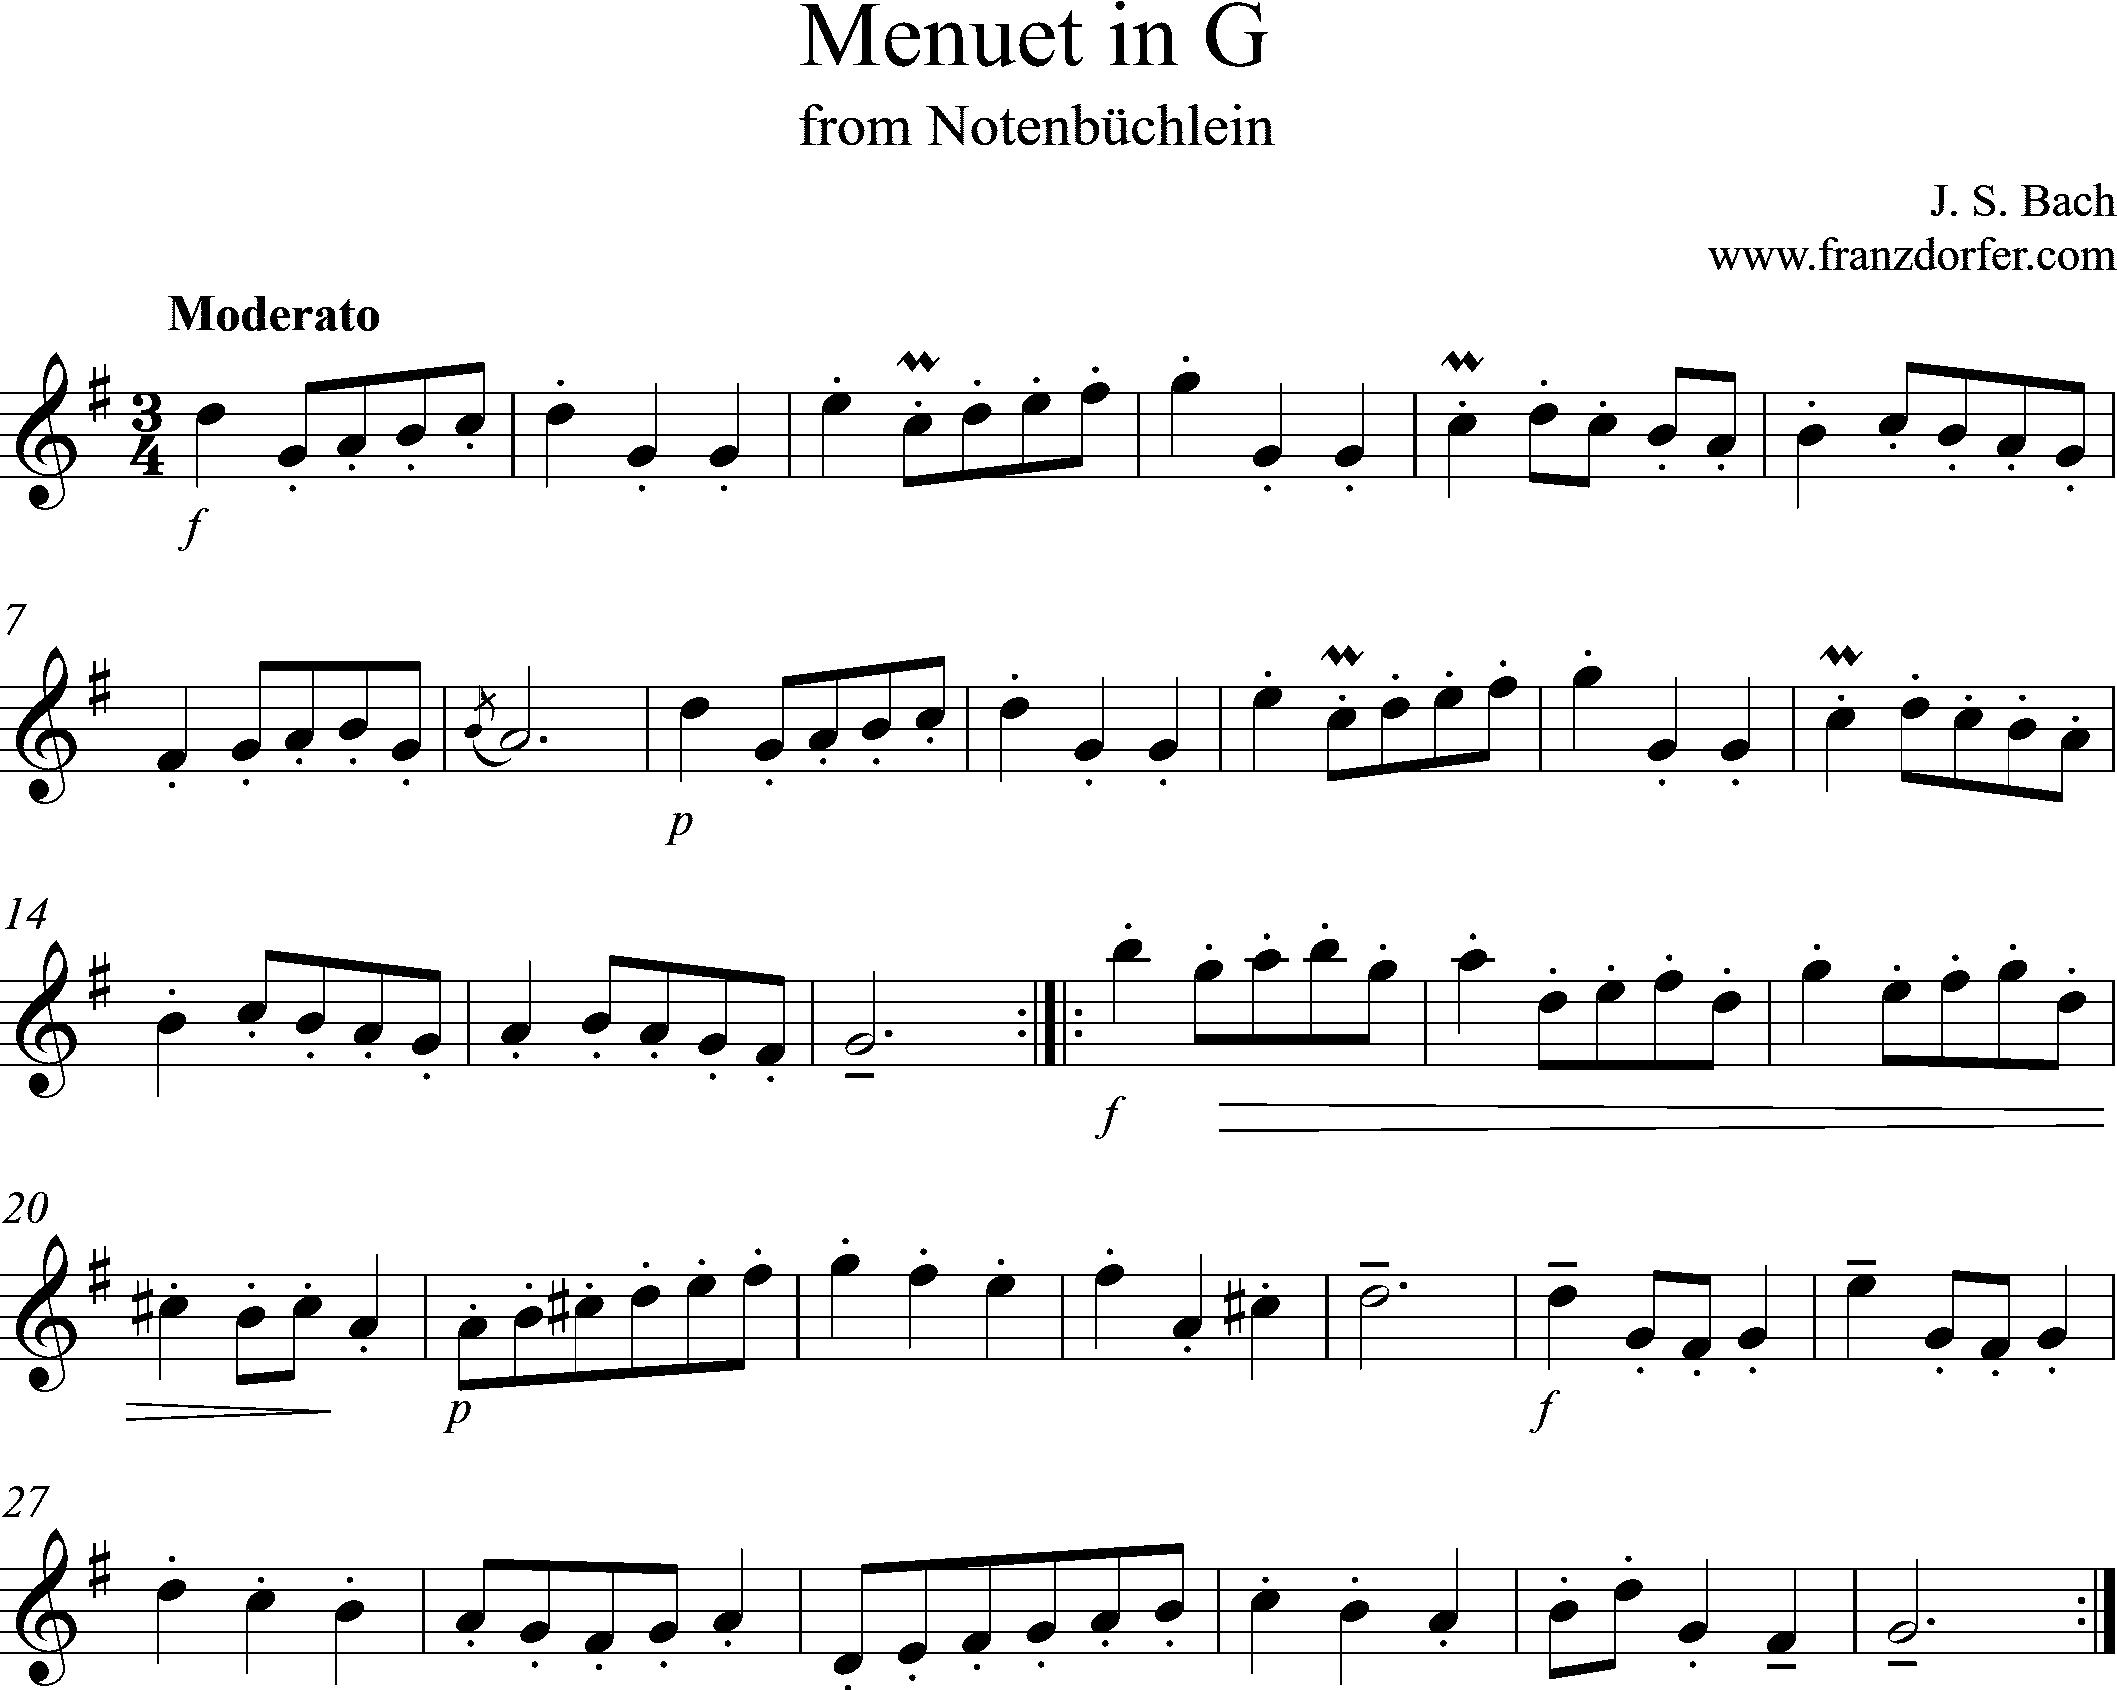 Noten für Blockflöte, MEnuet in G, Bach